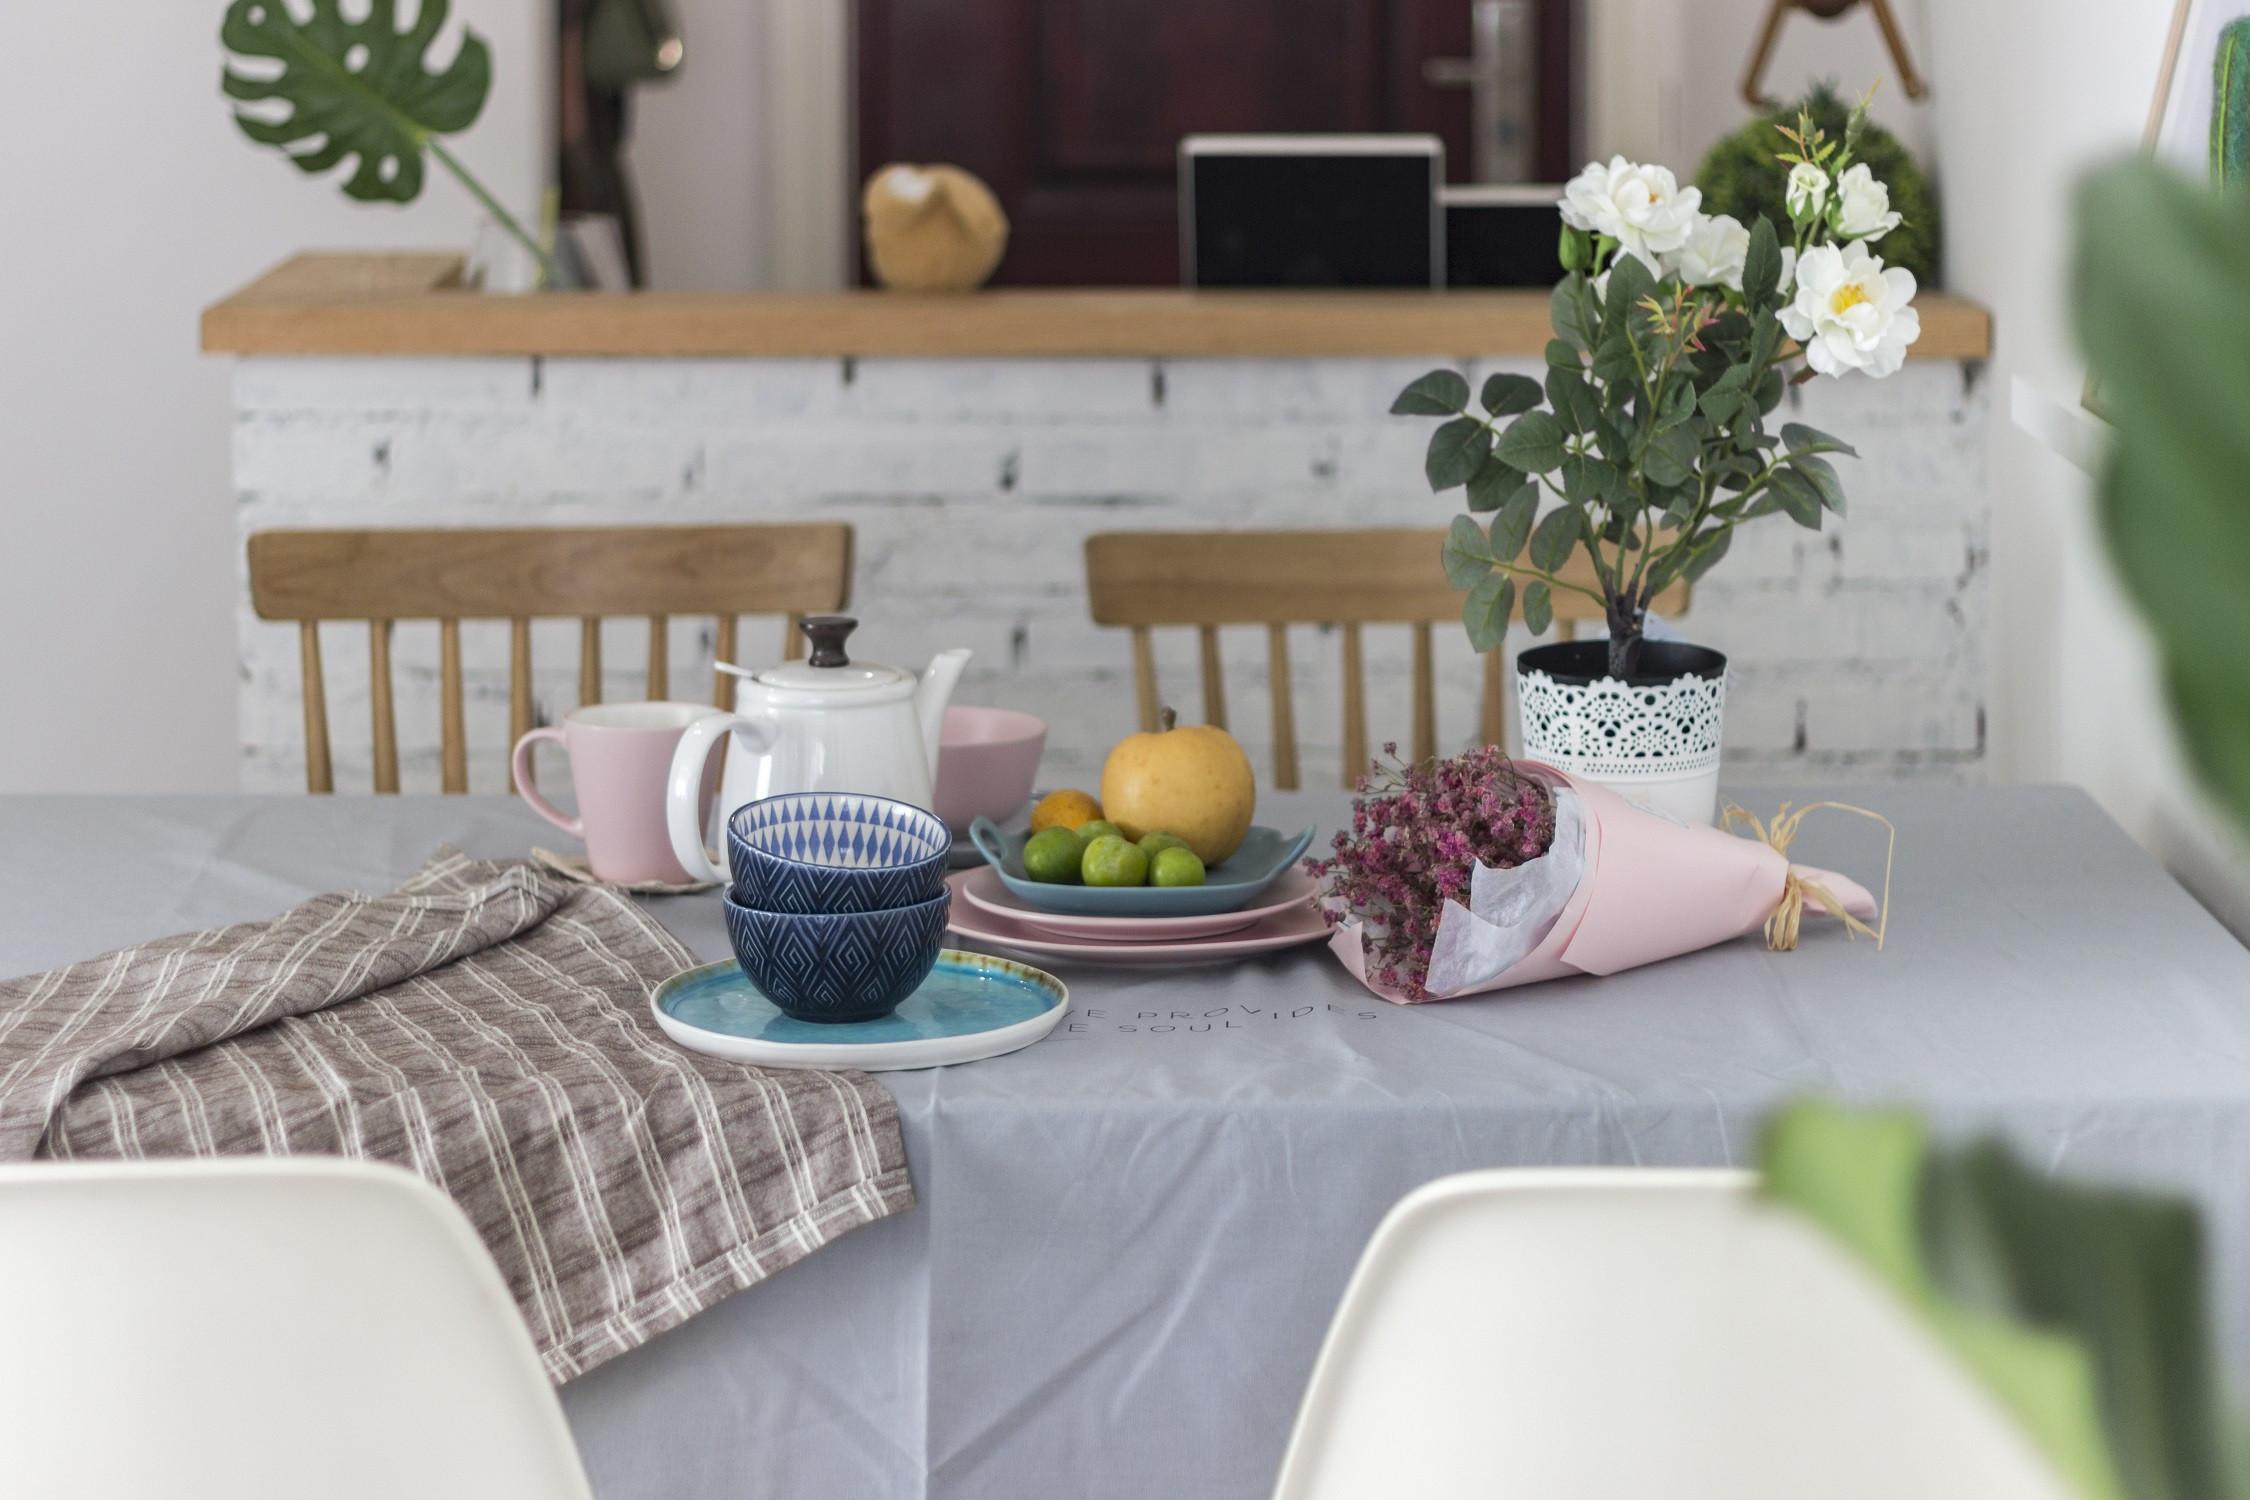 93平北欧风格家餐桌布置图